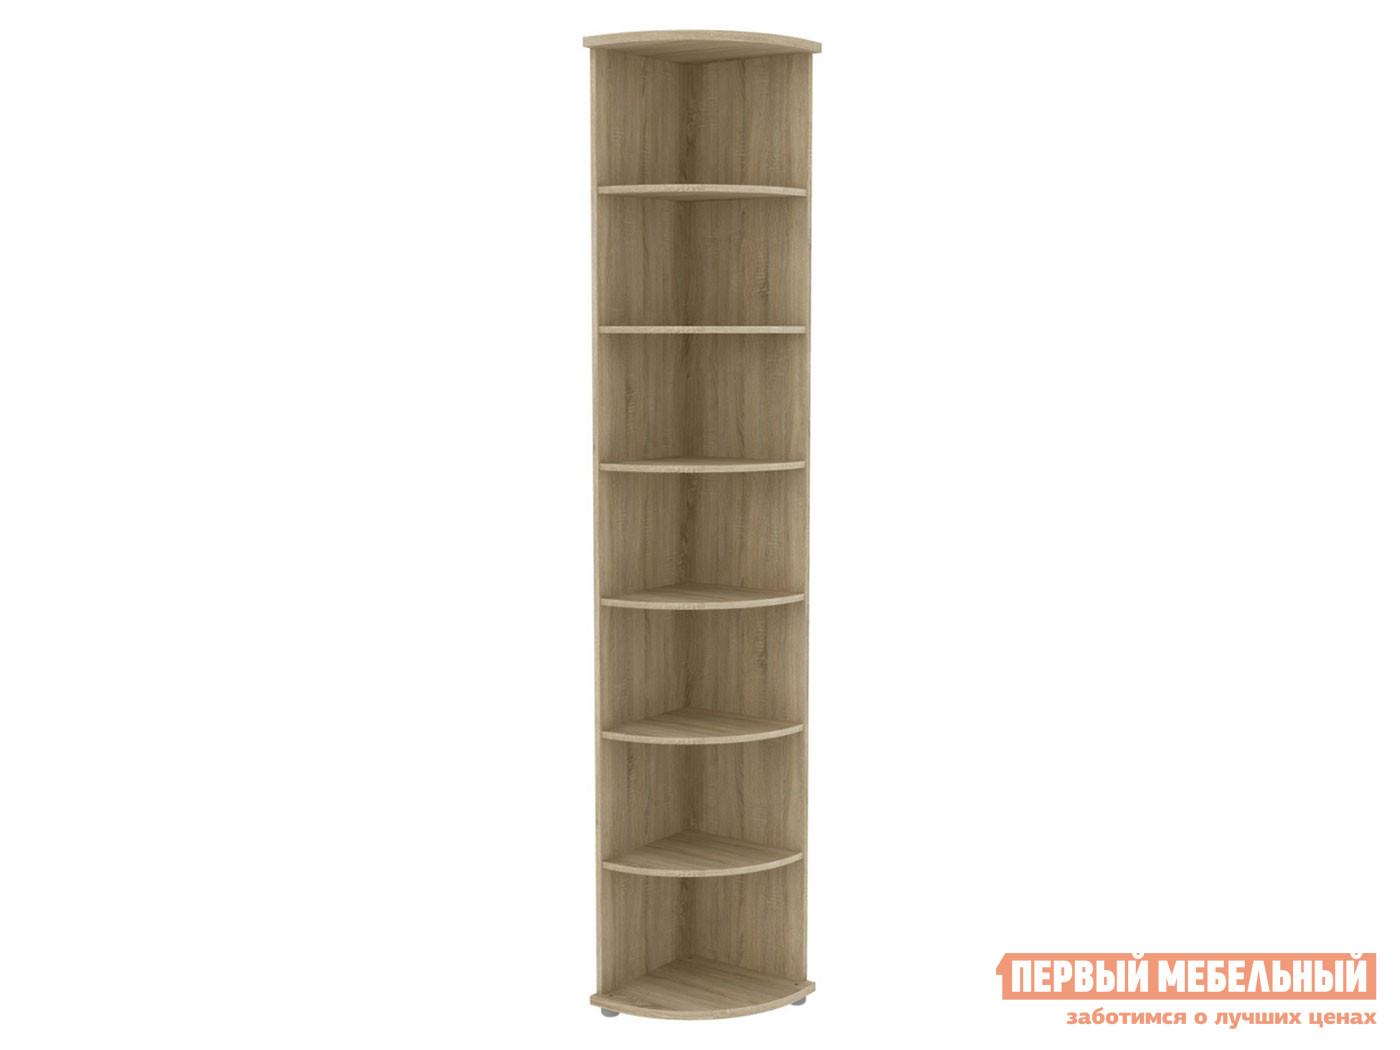 Стеллаж Первый Мебельный Стеллаж угловой Леруа 551.01